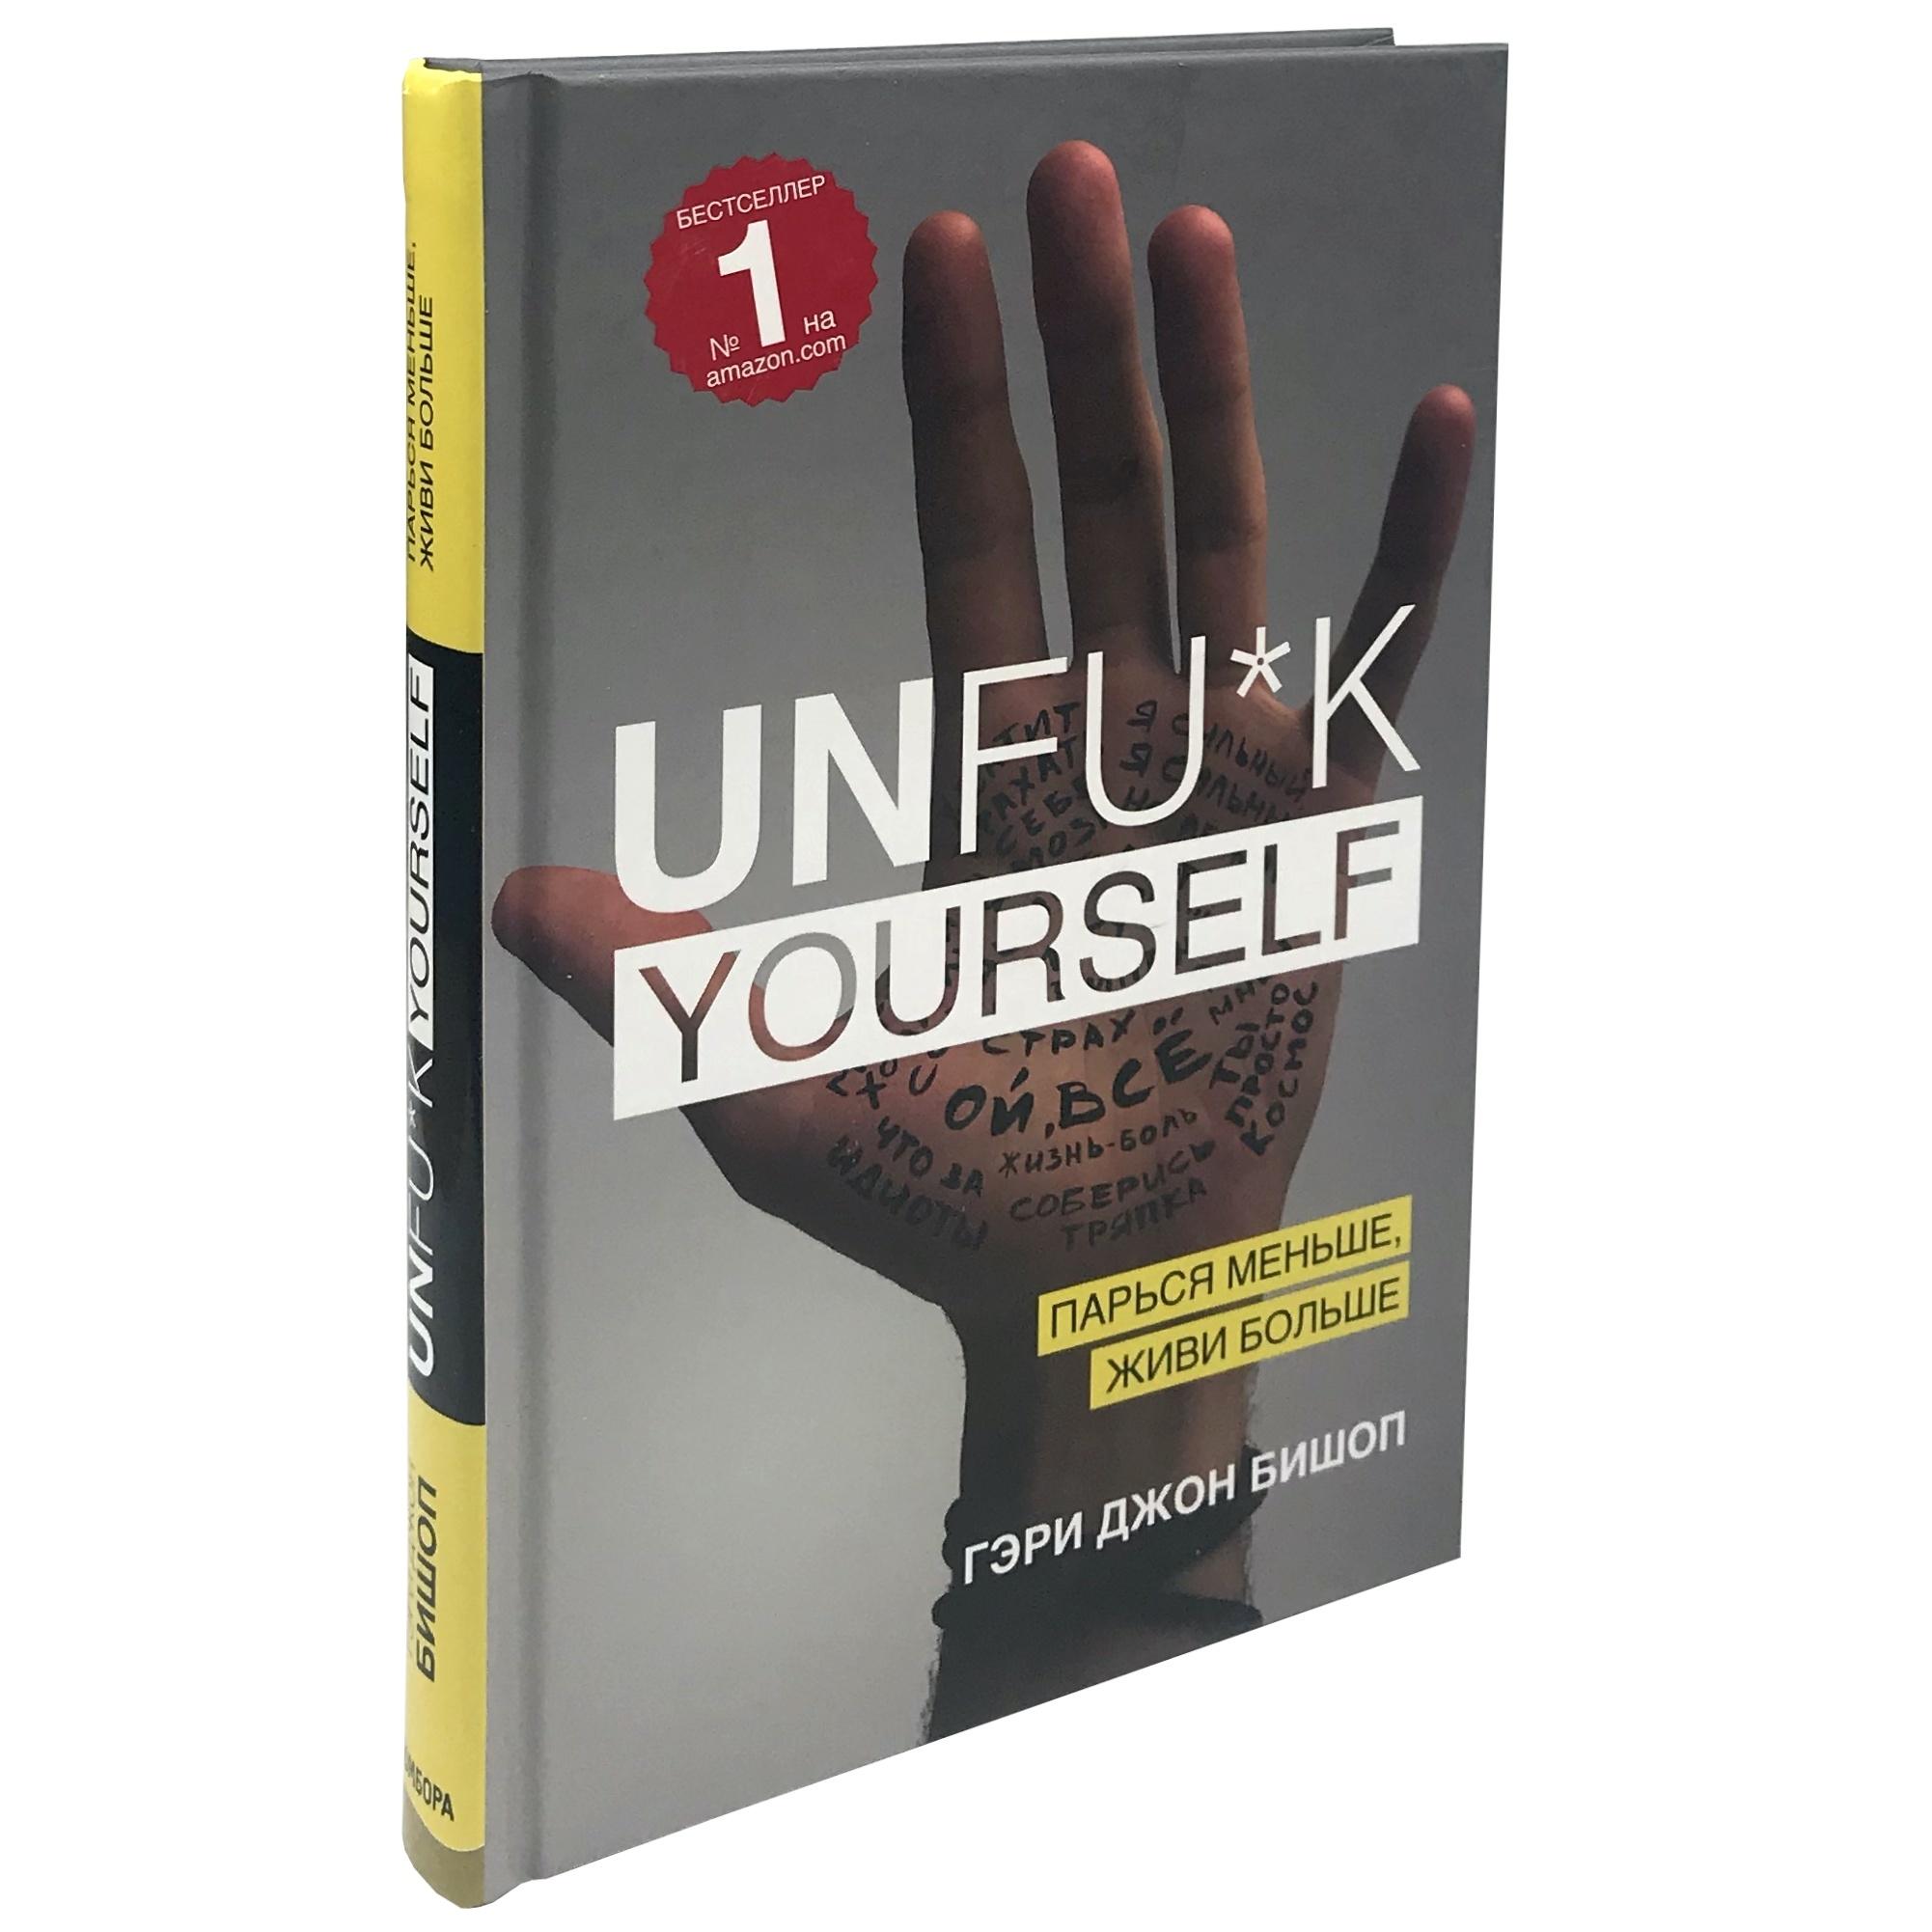 Unfu*k yourself. Парься меньше, живи больше. Автор — Гэри Джон Бишоп. Переплет —